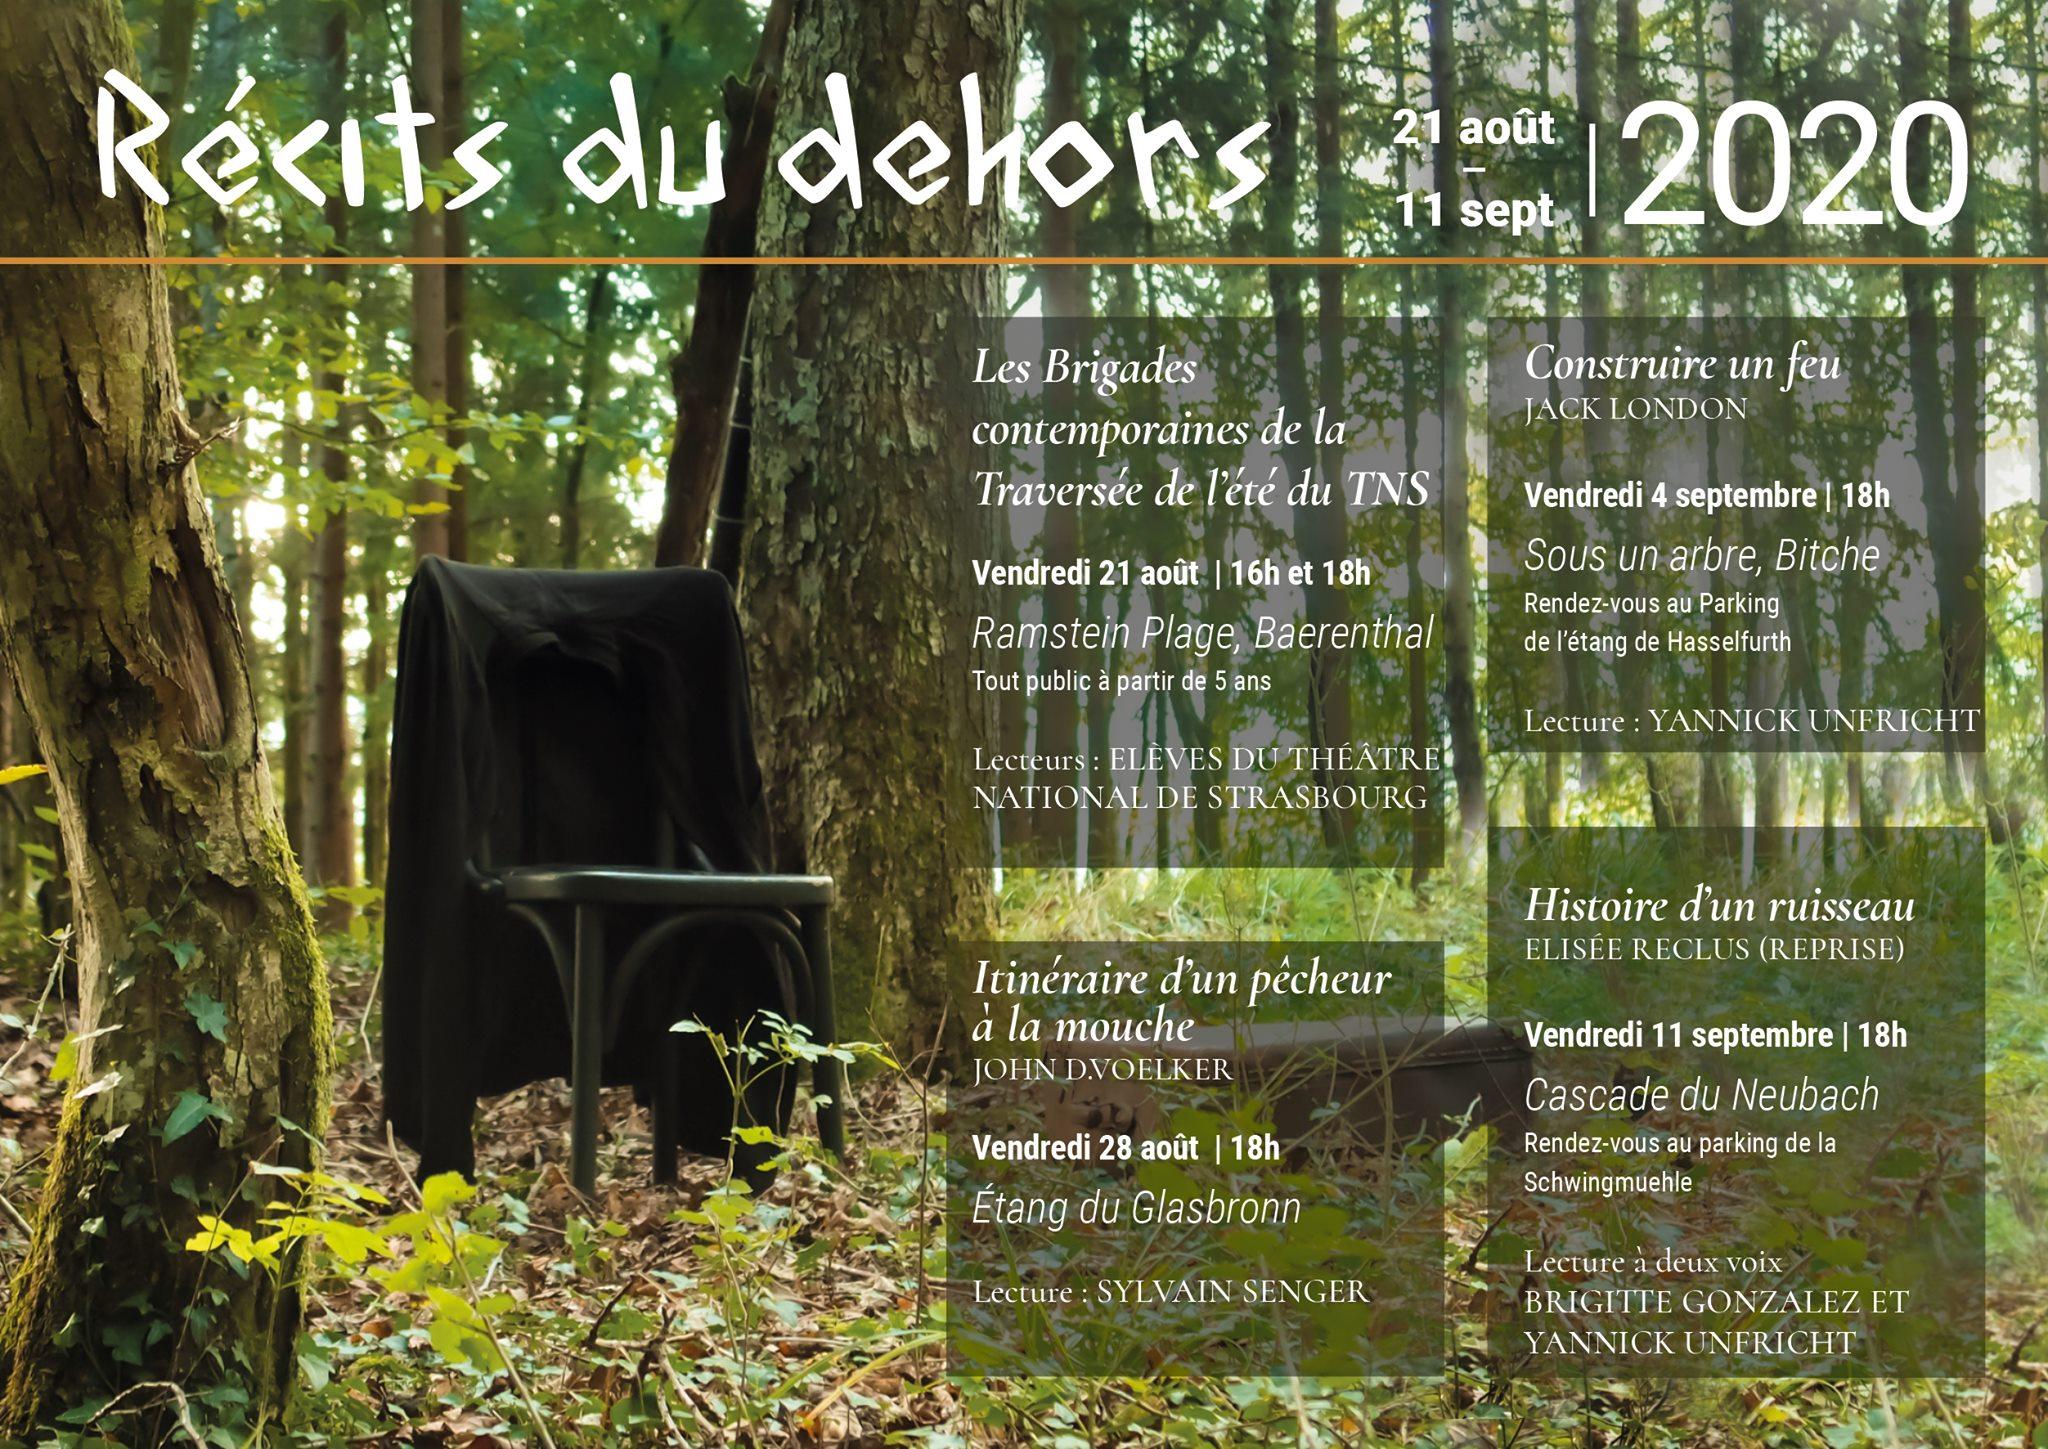 FESTIVAL DE LECTURE 'RÉCITS DU DEHORS' : LECTURES DU THÉÂTRE NATIONAL DE STRASBOURG